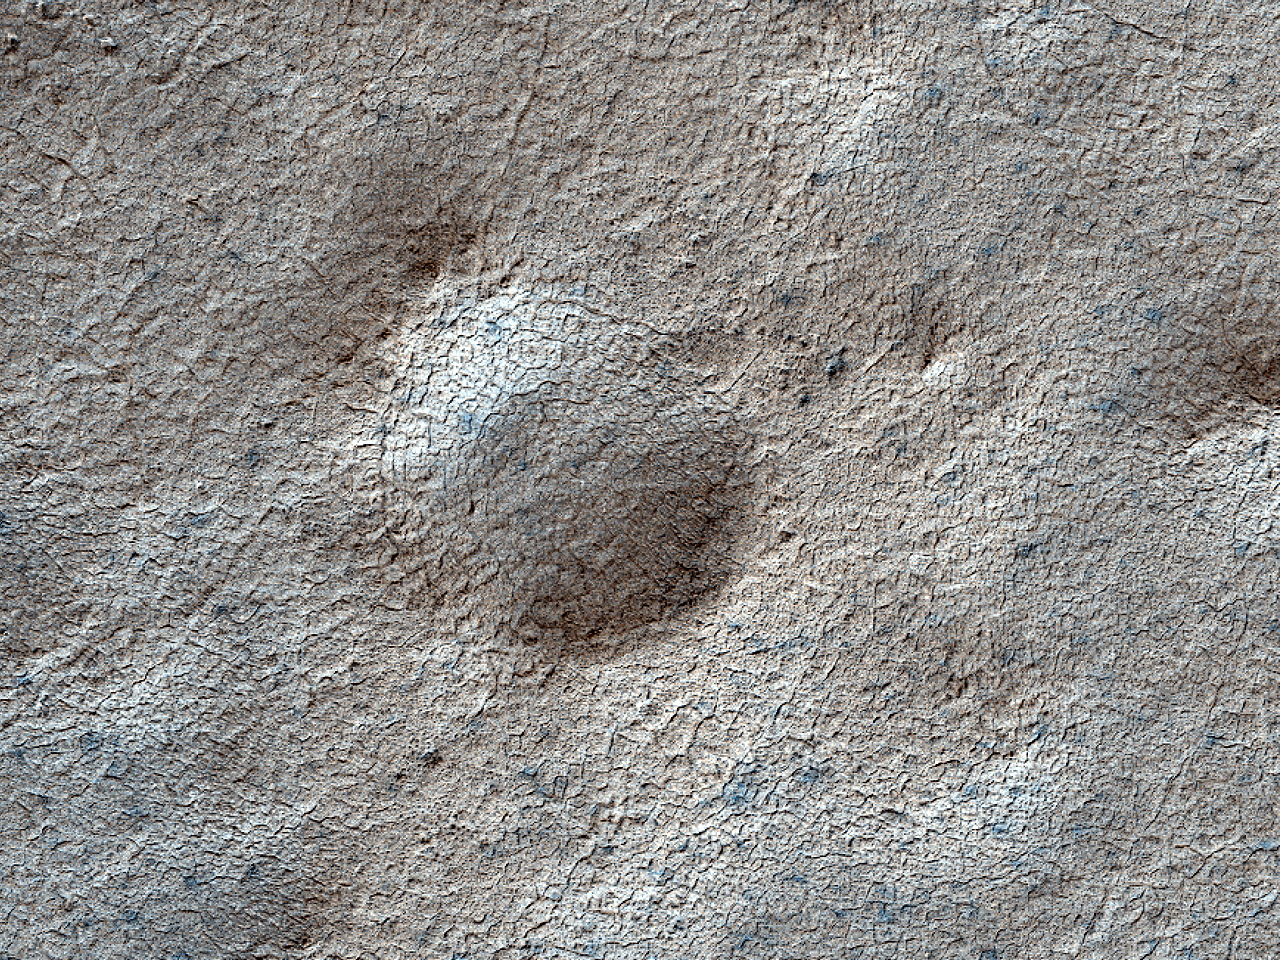 Кратер диаметром 270 метров в слоистых отложениях Южного полюса